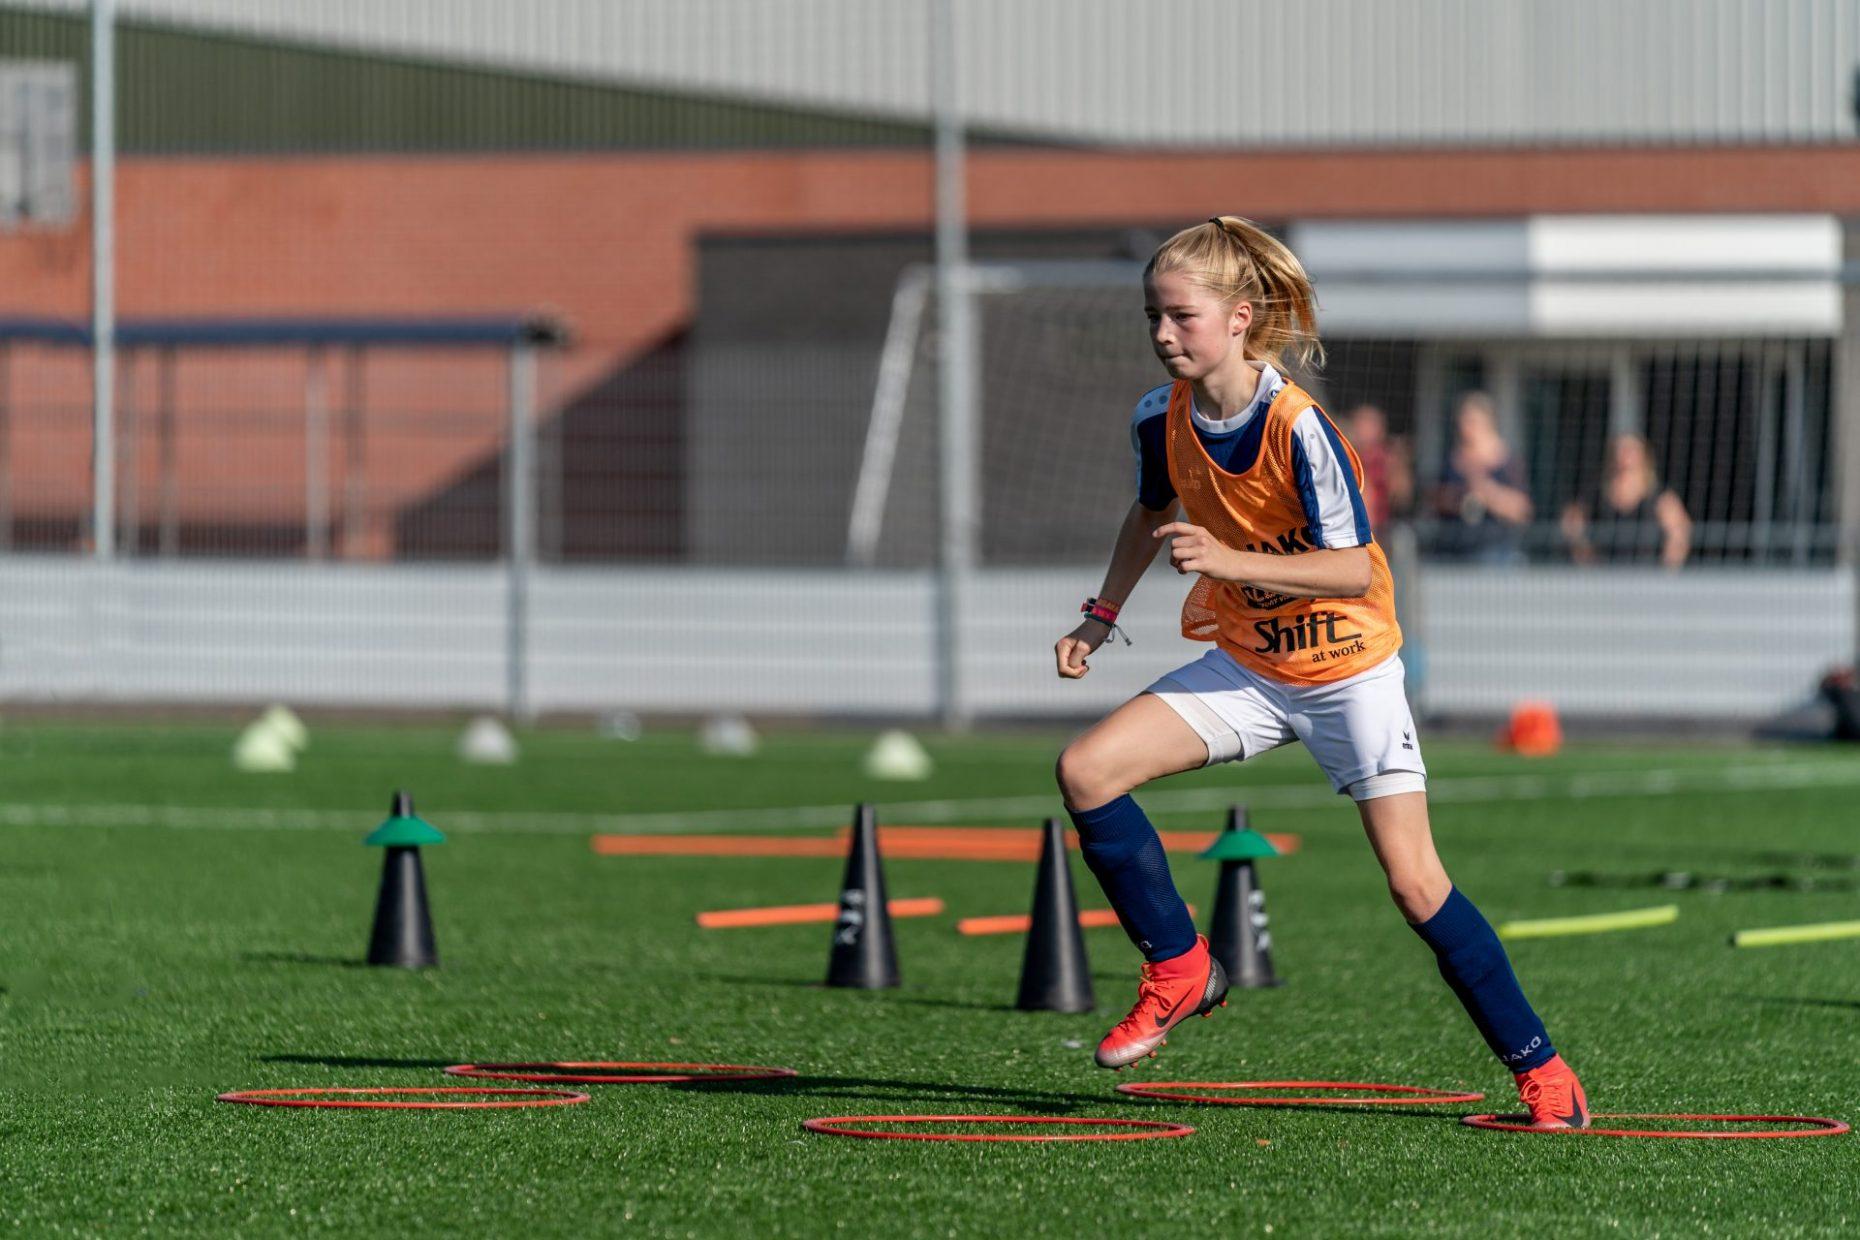 Voetbalschool in Roosendaal